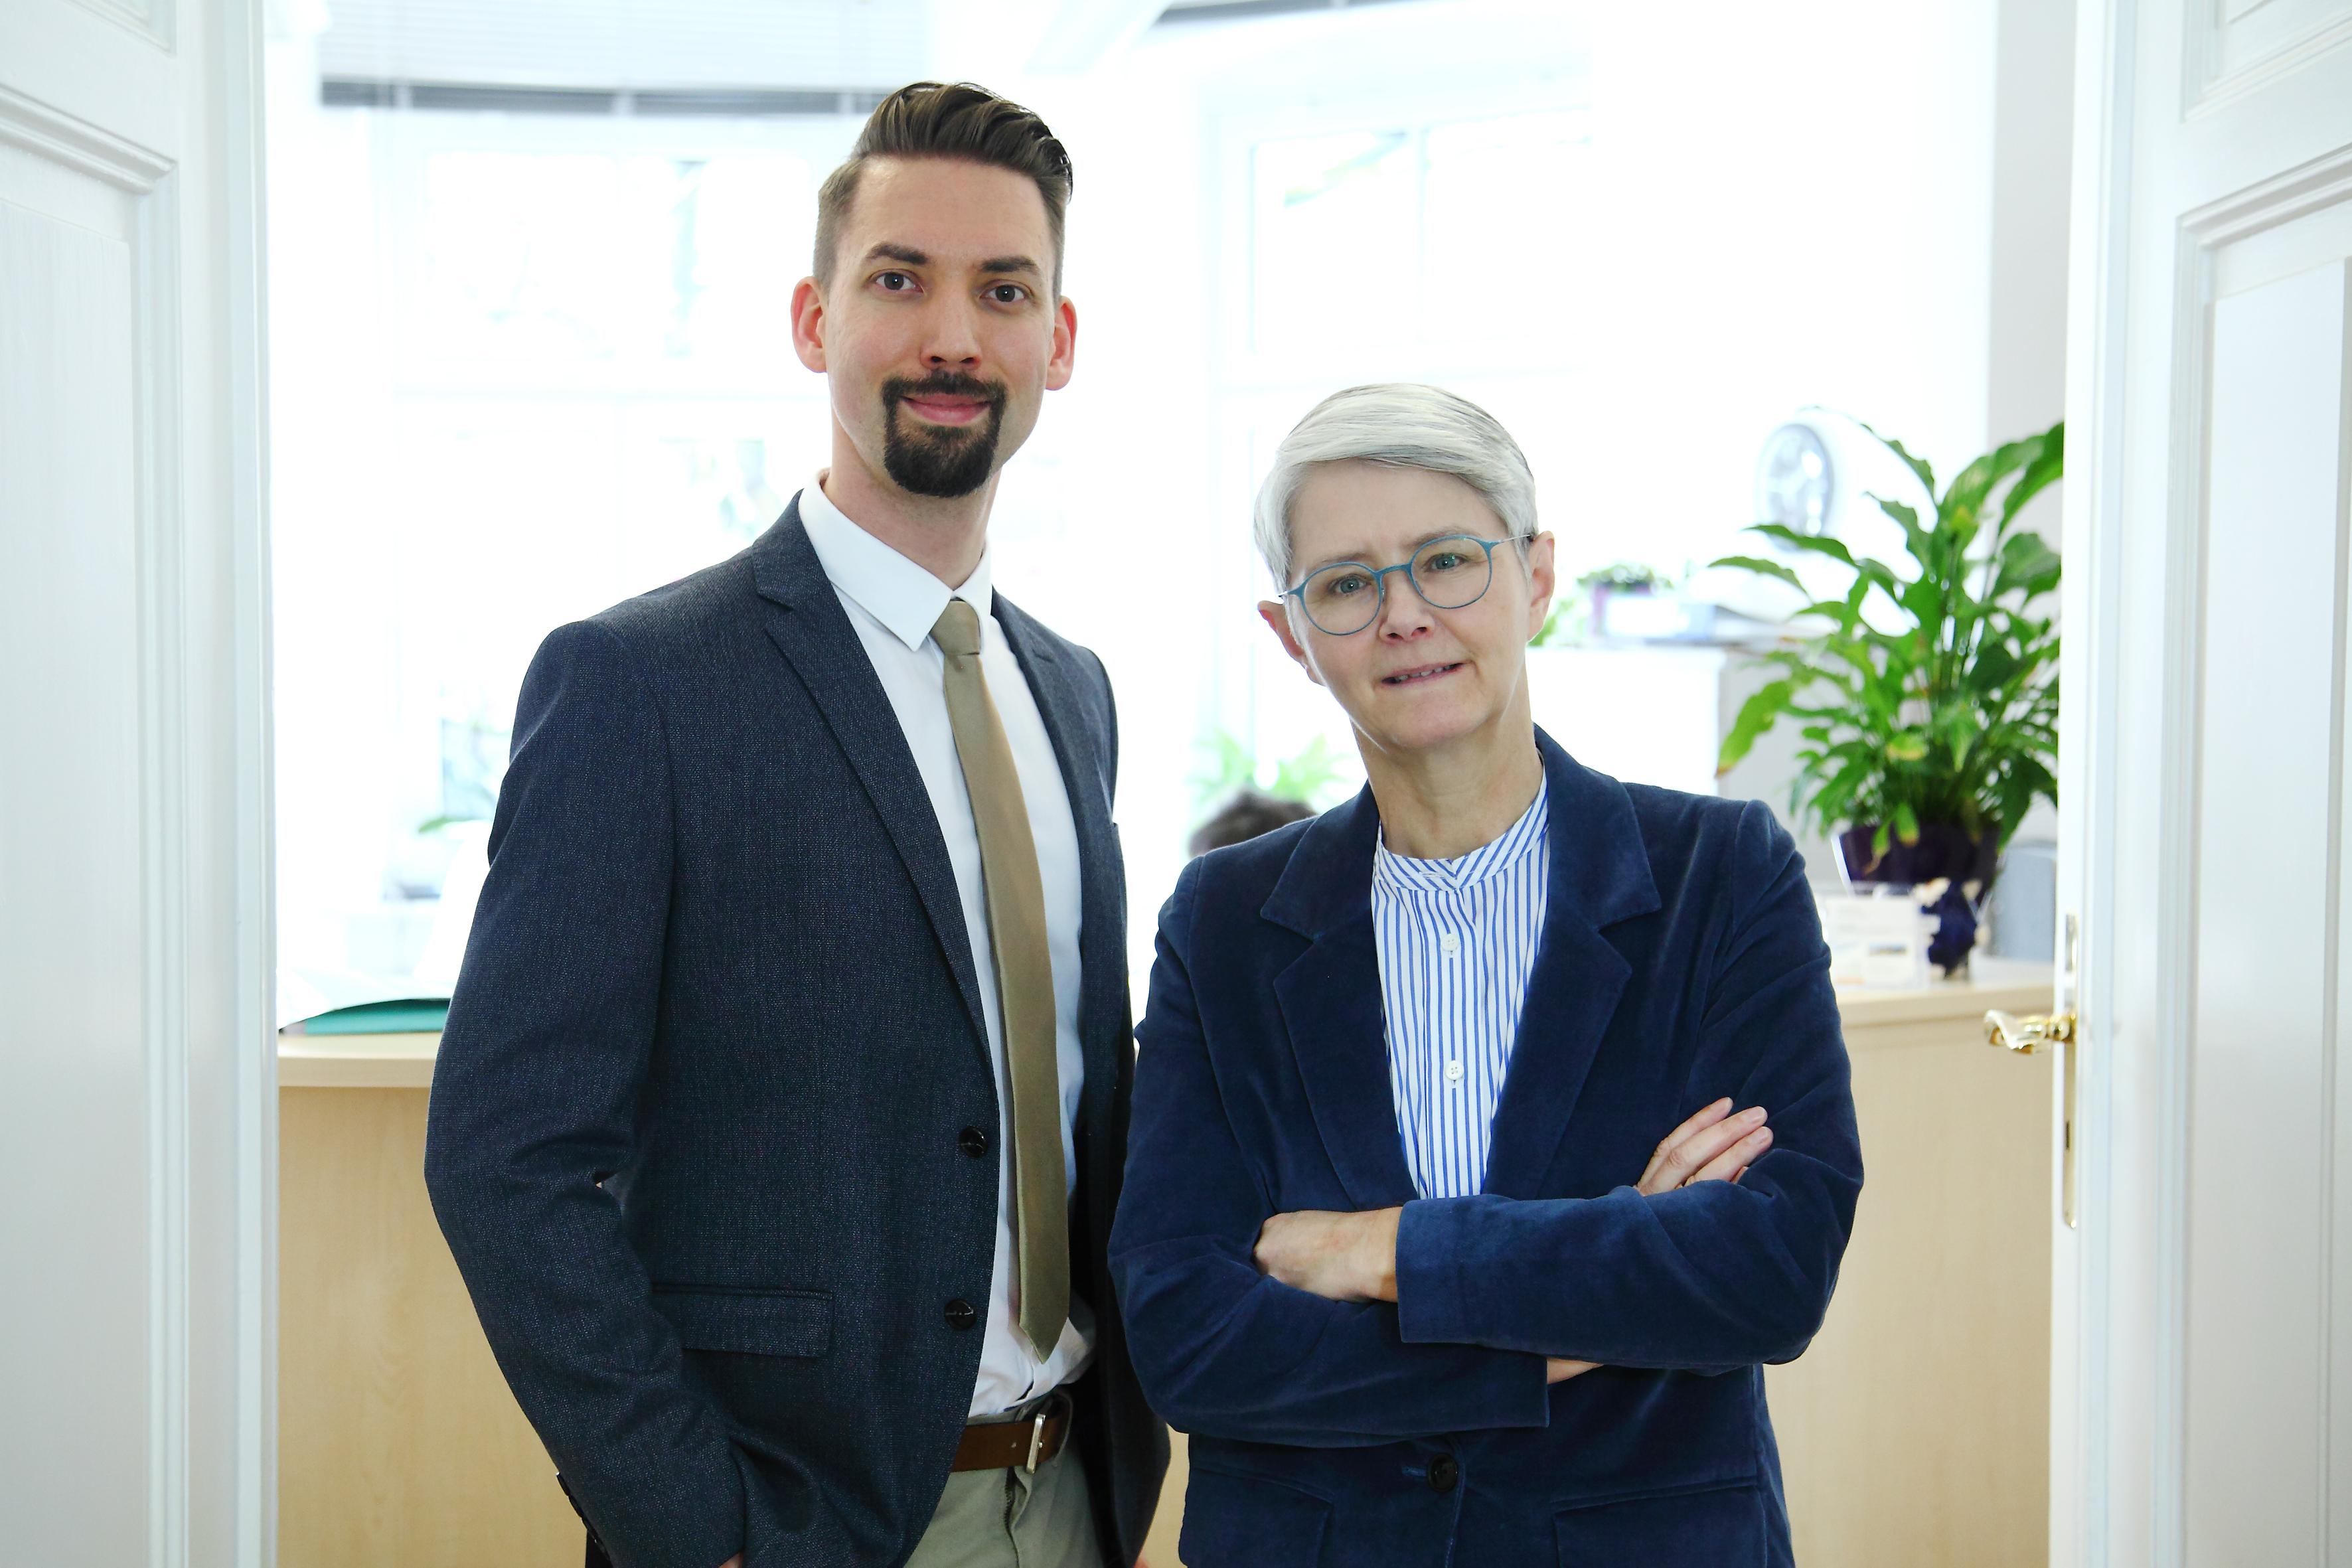 Fachanwälte für Familienrecht und Erbrecht: Amanda Escherich und Stefan Wenzel in Regensburg